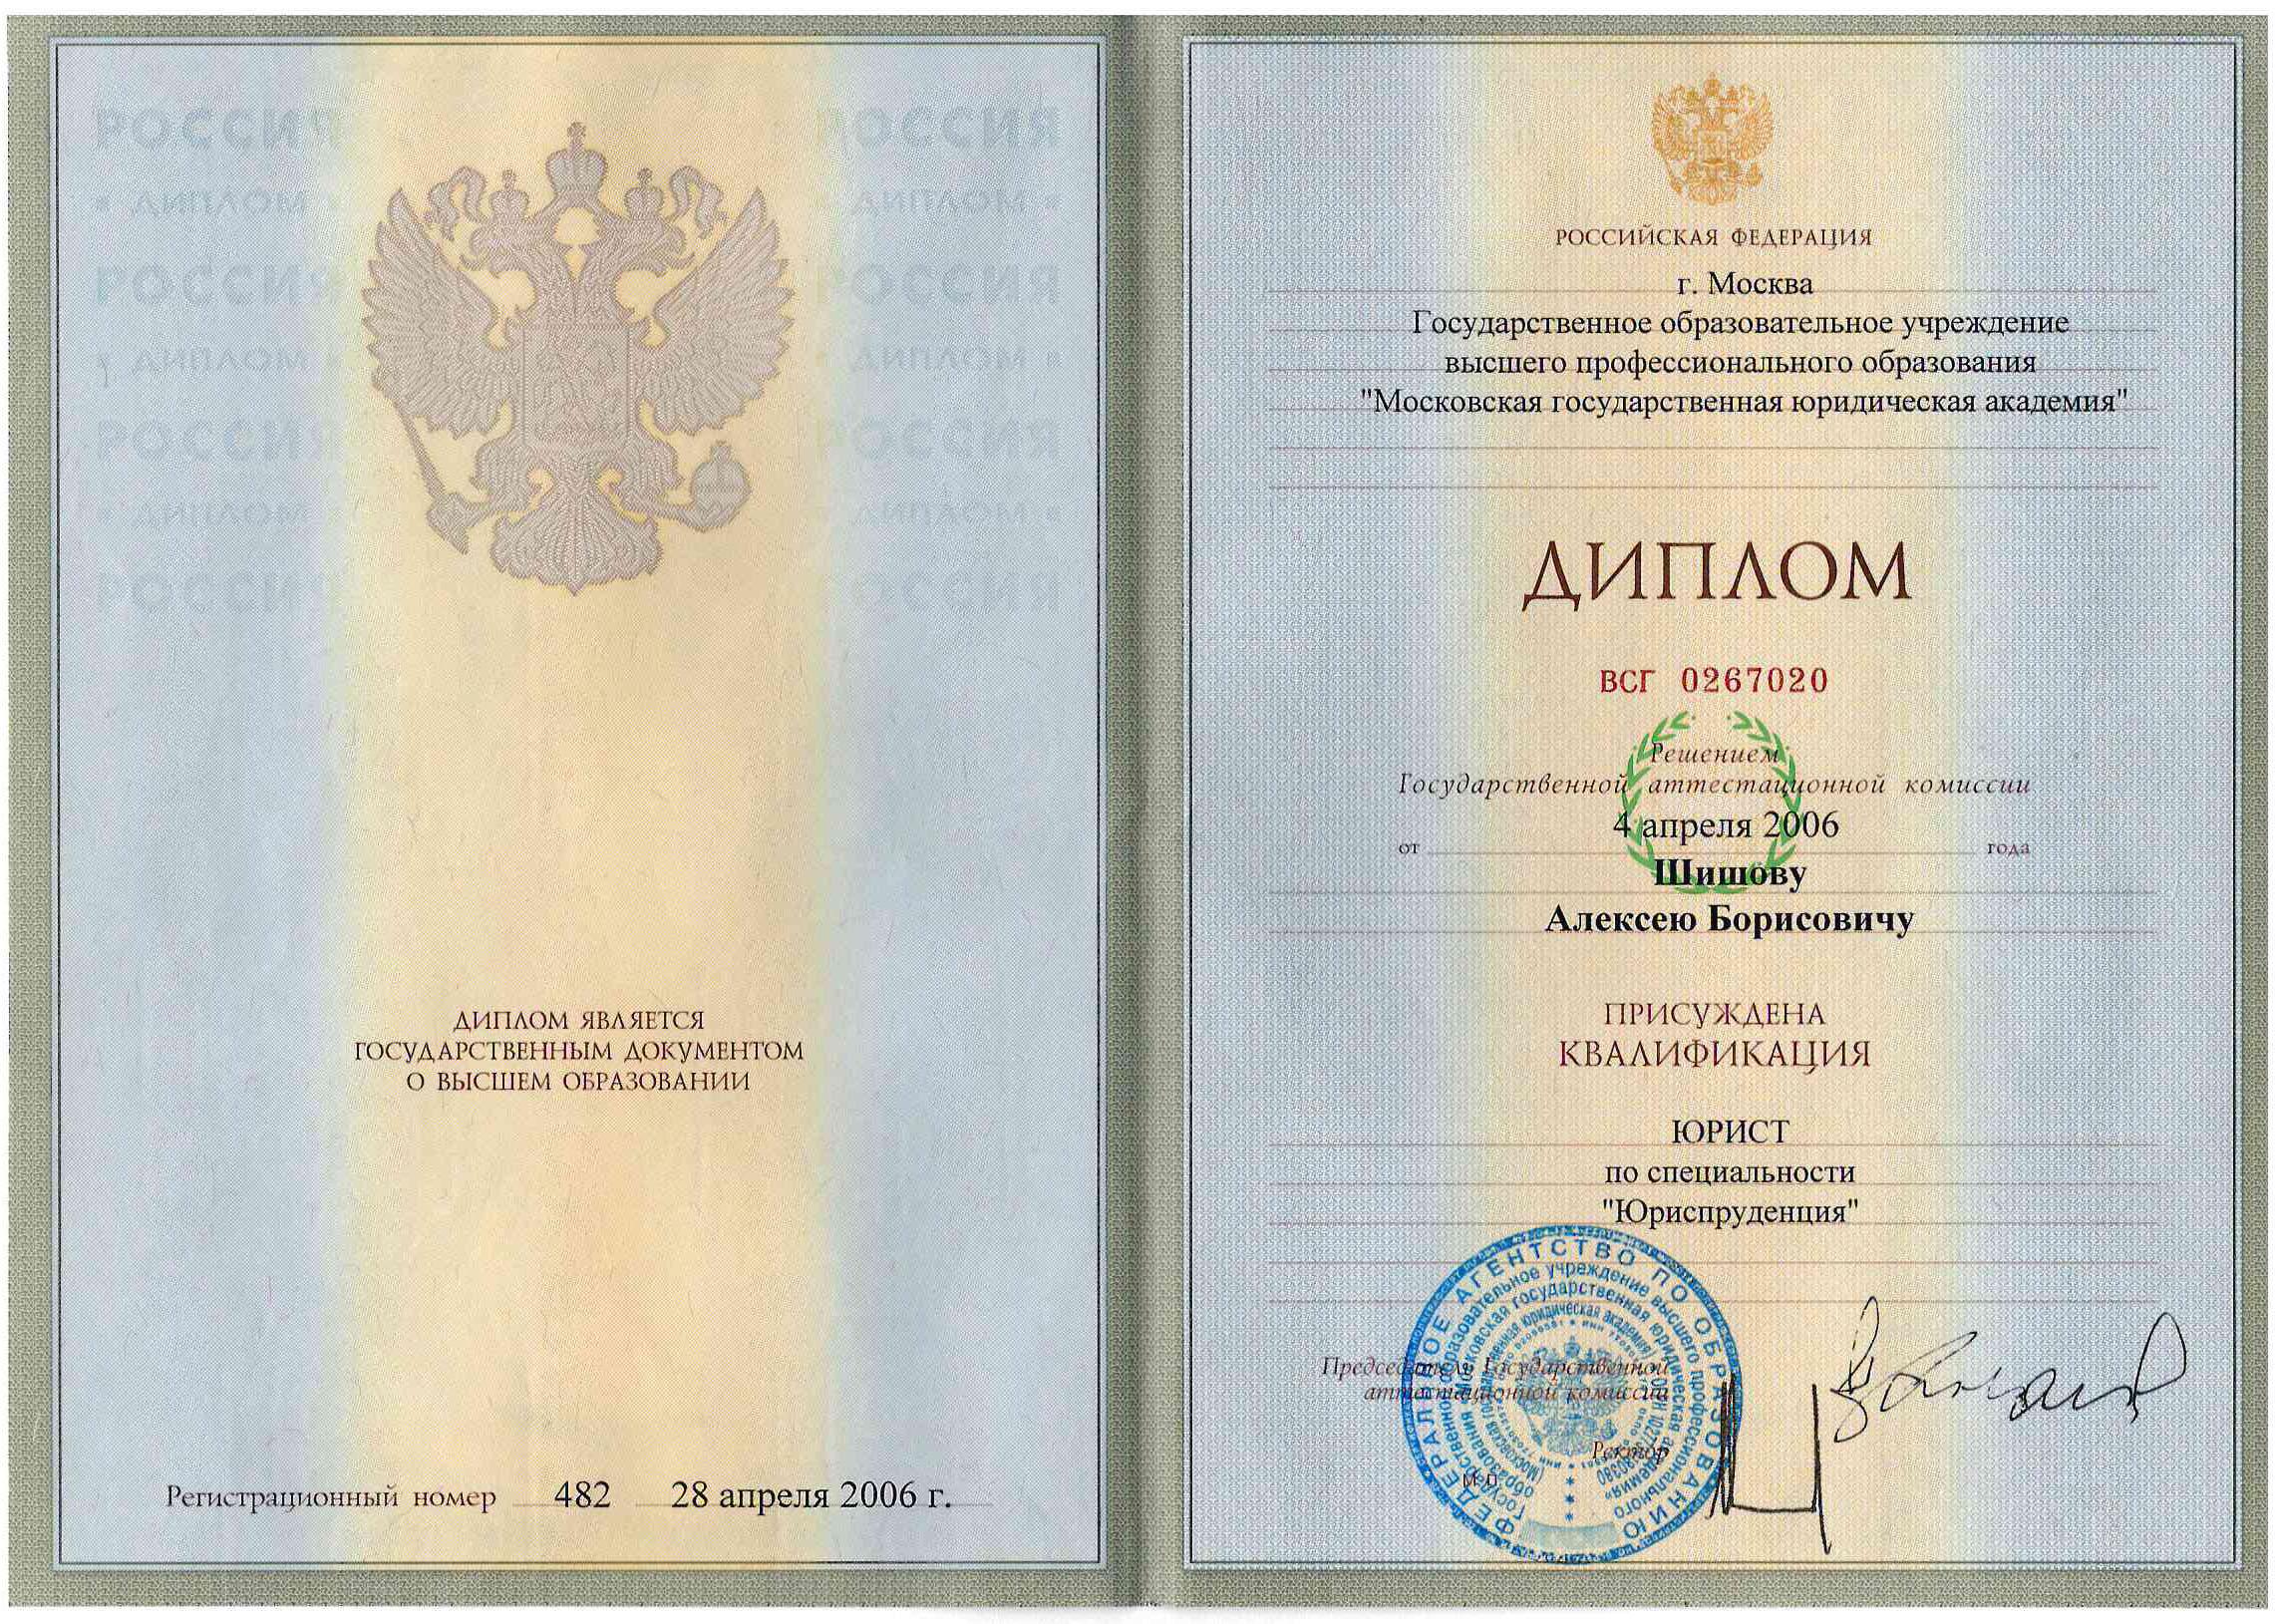 Диплом МГЮА о высшем юридическом образовании руководителя Юридического центра RegPractic